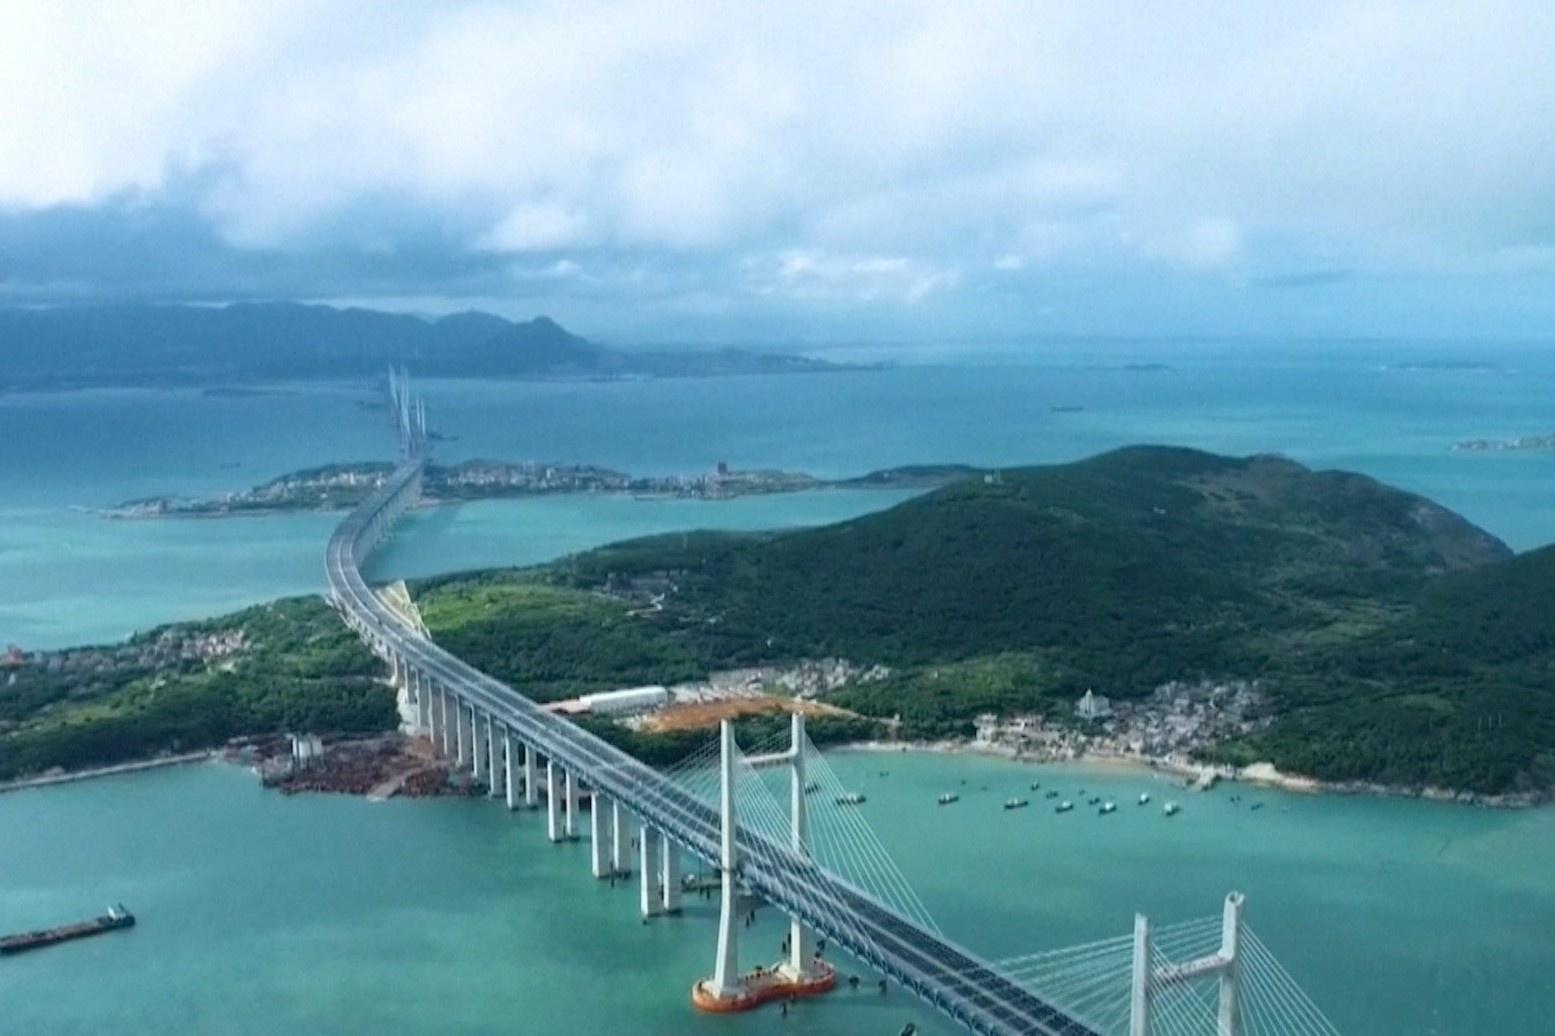 Cầu đường sắt xuyên biển dài nhất thế giới đi vào hoạt động